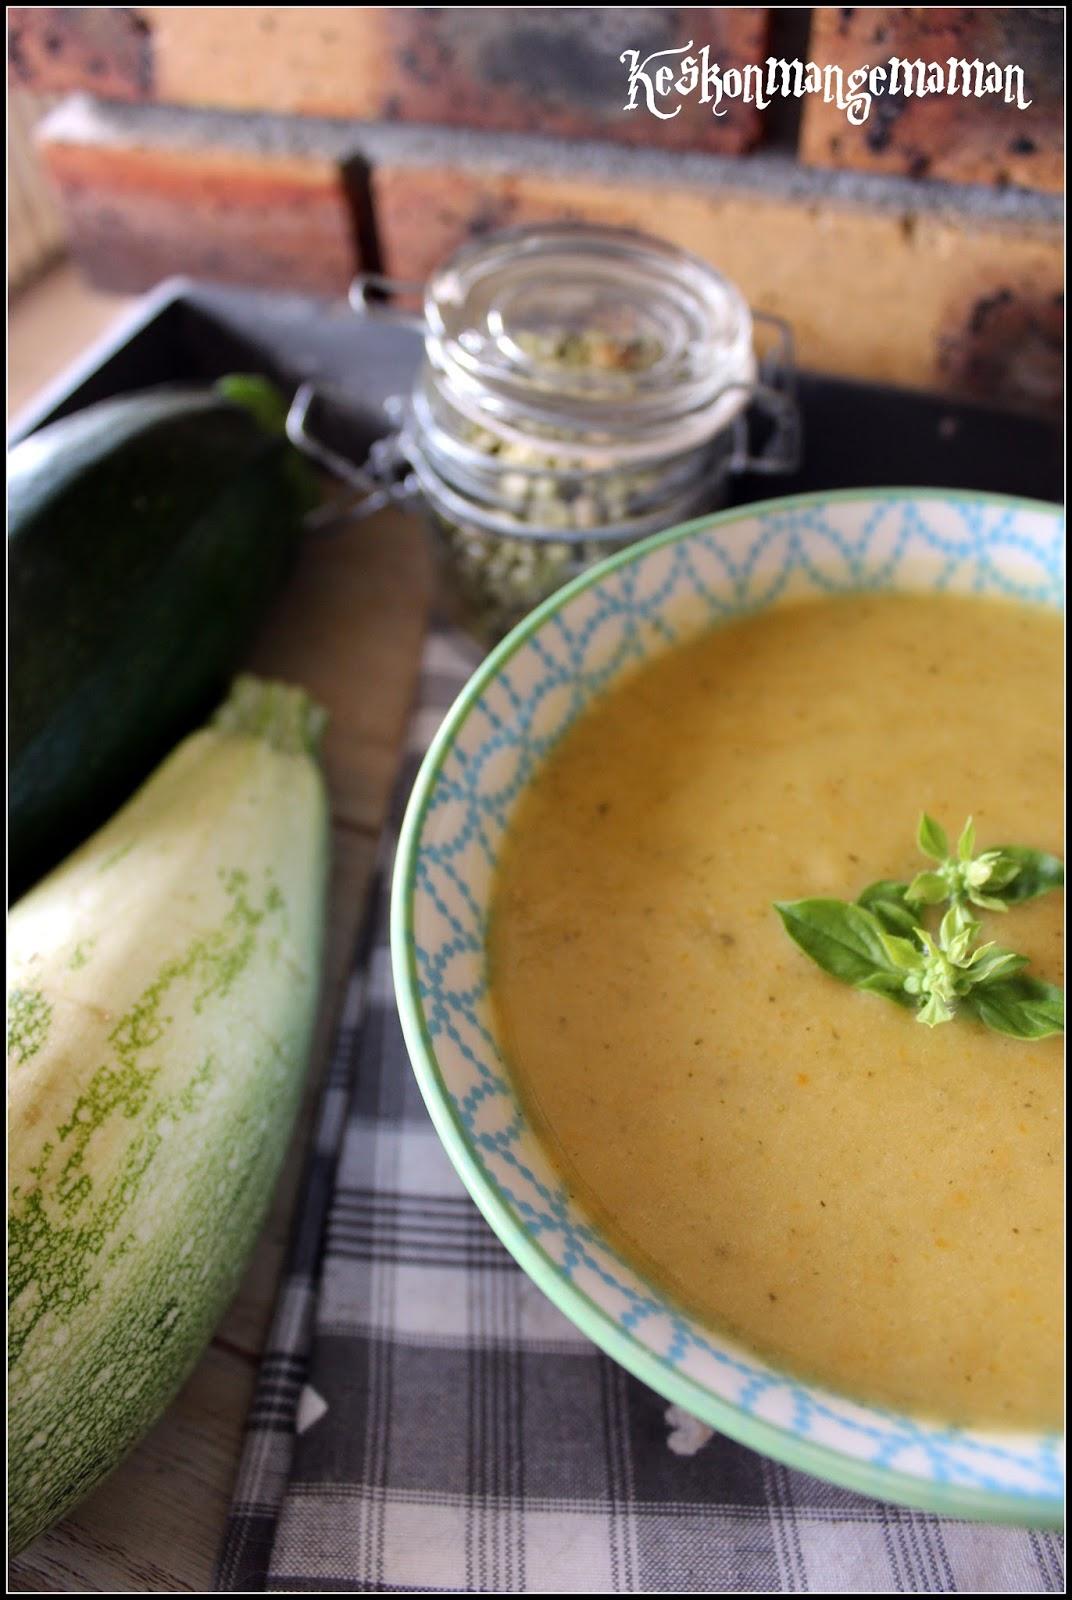 La Soupe Aux Cailloux Livre : soupe, cailloux, livre, Keskonmangemaman?:, Soppa, Qarabaghli, Basali